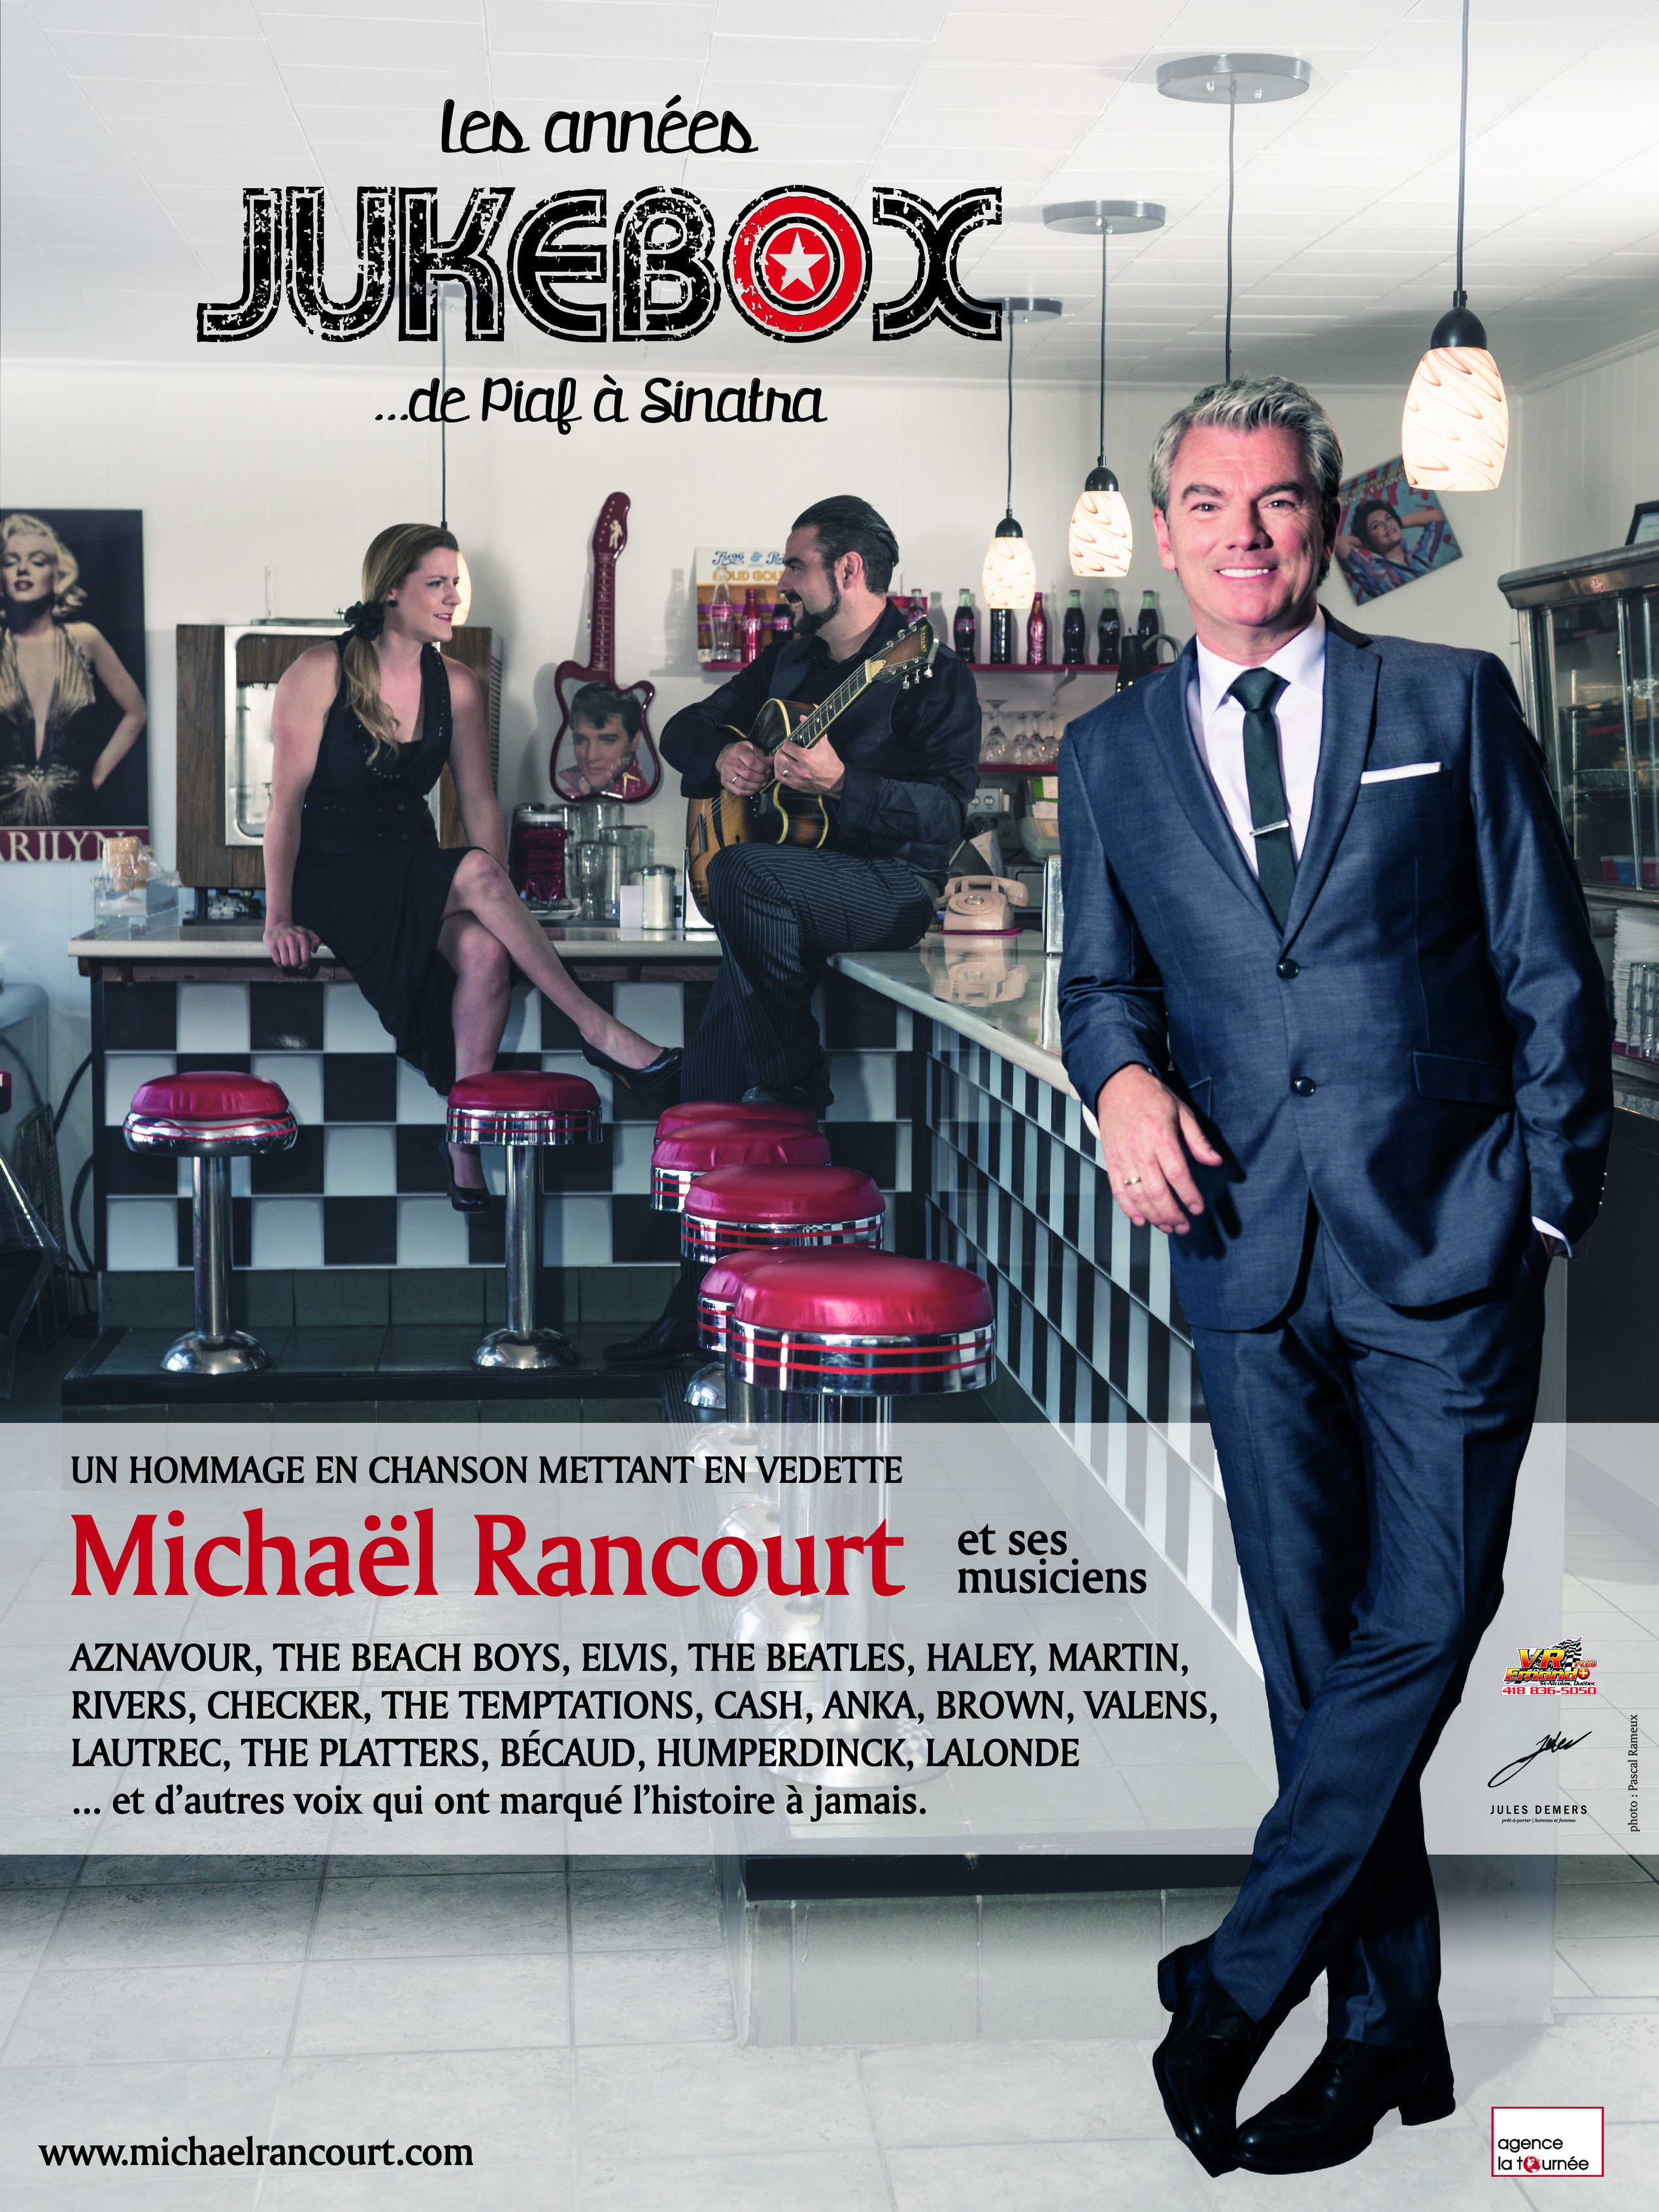 Souper - spectacle Michaël Rancourt - Les Années Jukebox